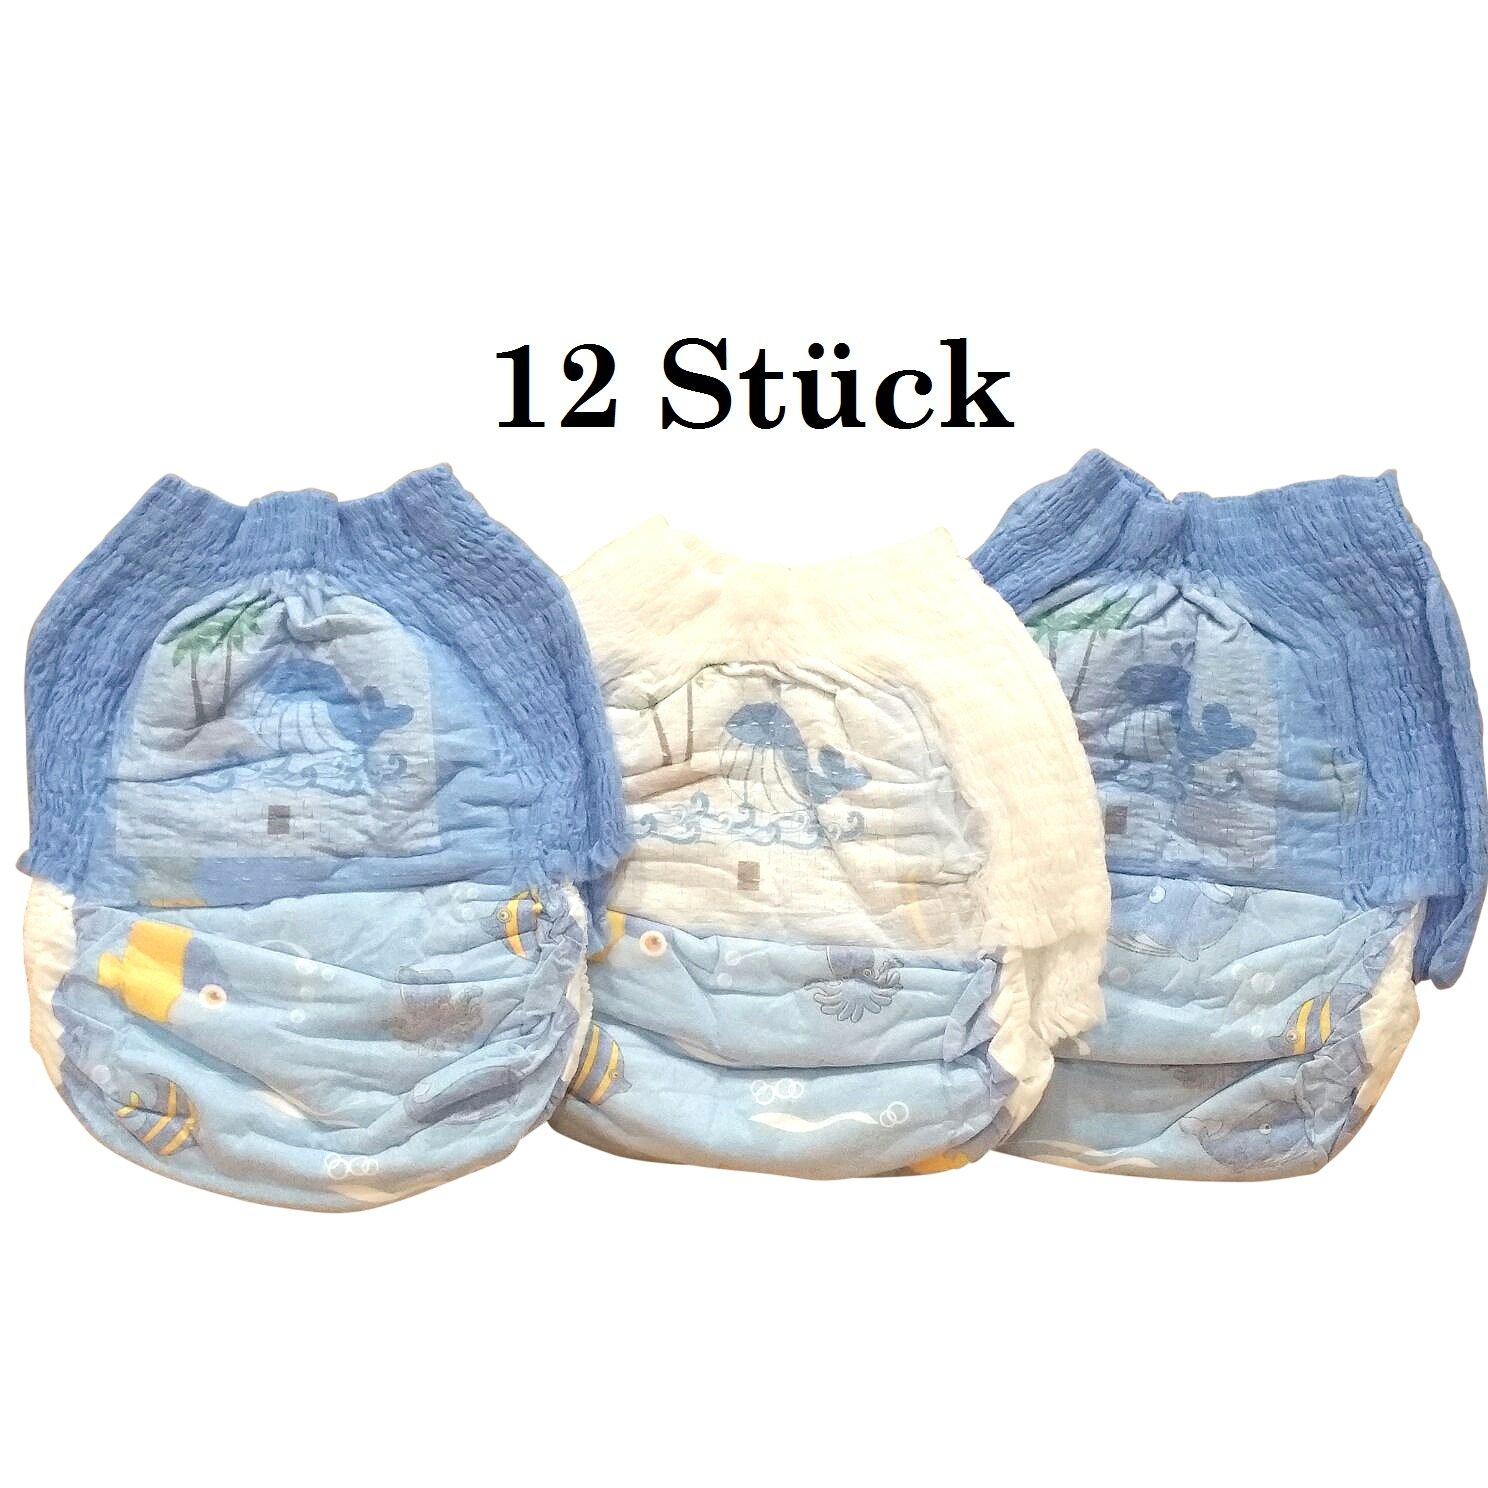 Schwimmwindel Schwimmhöschen Badewindeln Baby Einweg Schwimmwindeln Junge Mädchen HilKeys12-48 Stück (XL (11-16kg), 24 Stück) 24 Stück)